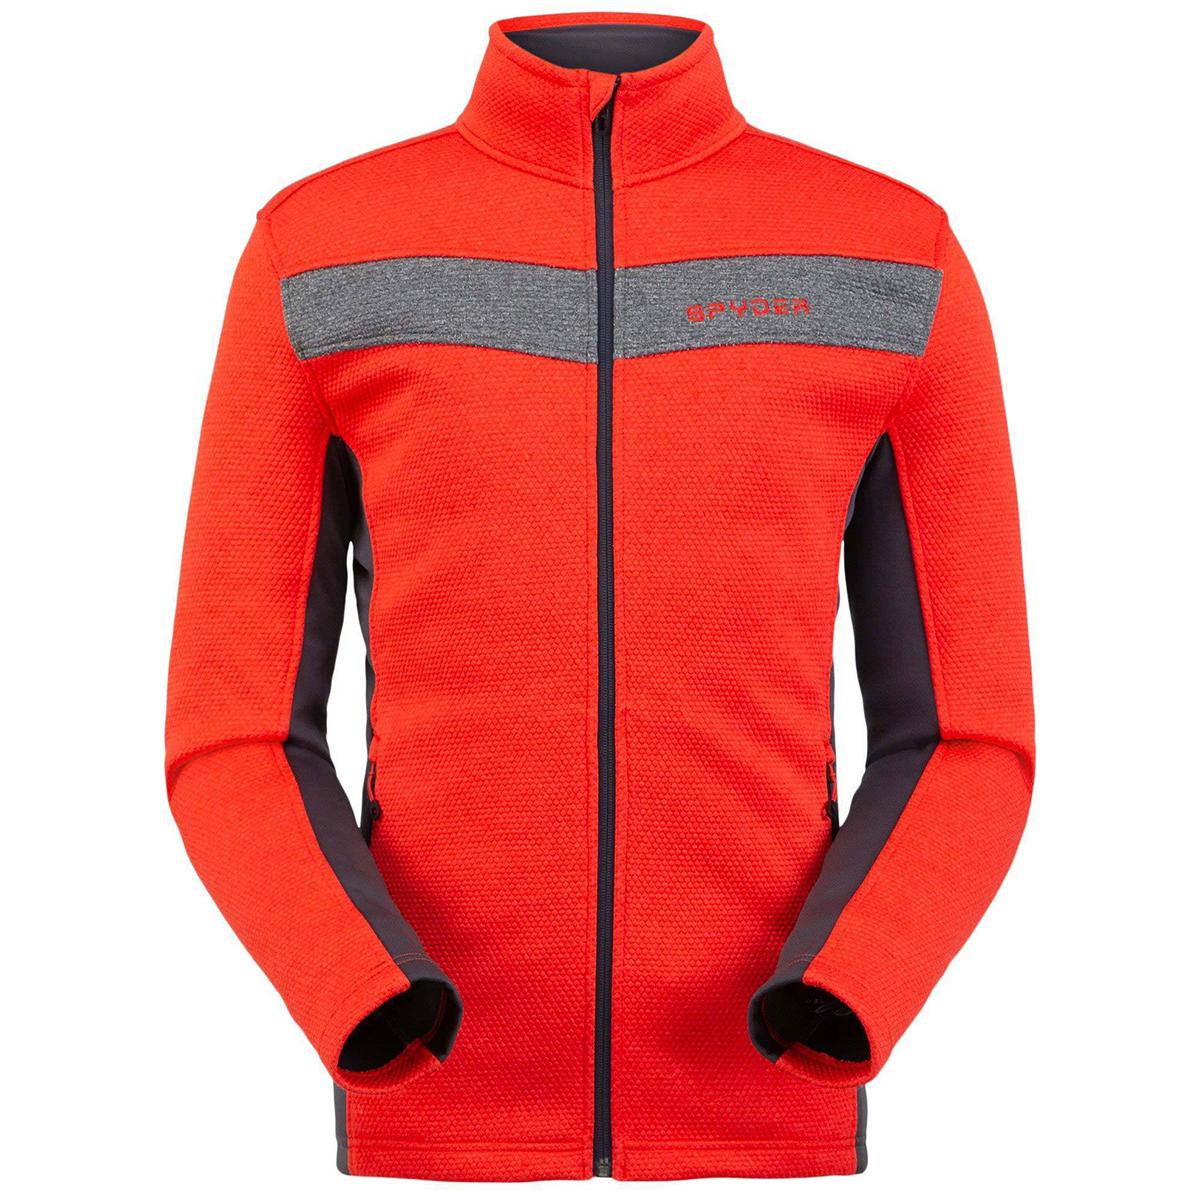 Spyder Men's Encore Full Zip Fleece Jacket - Red, M